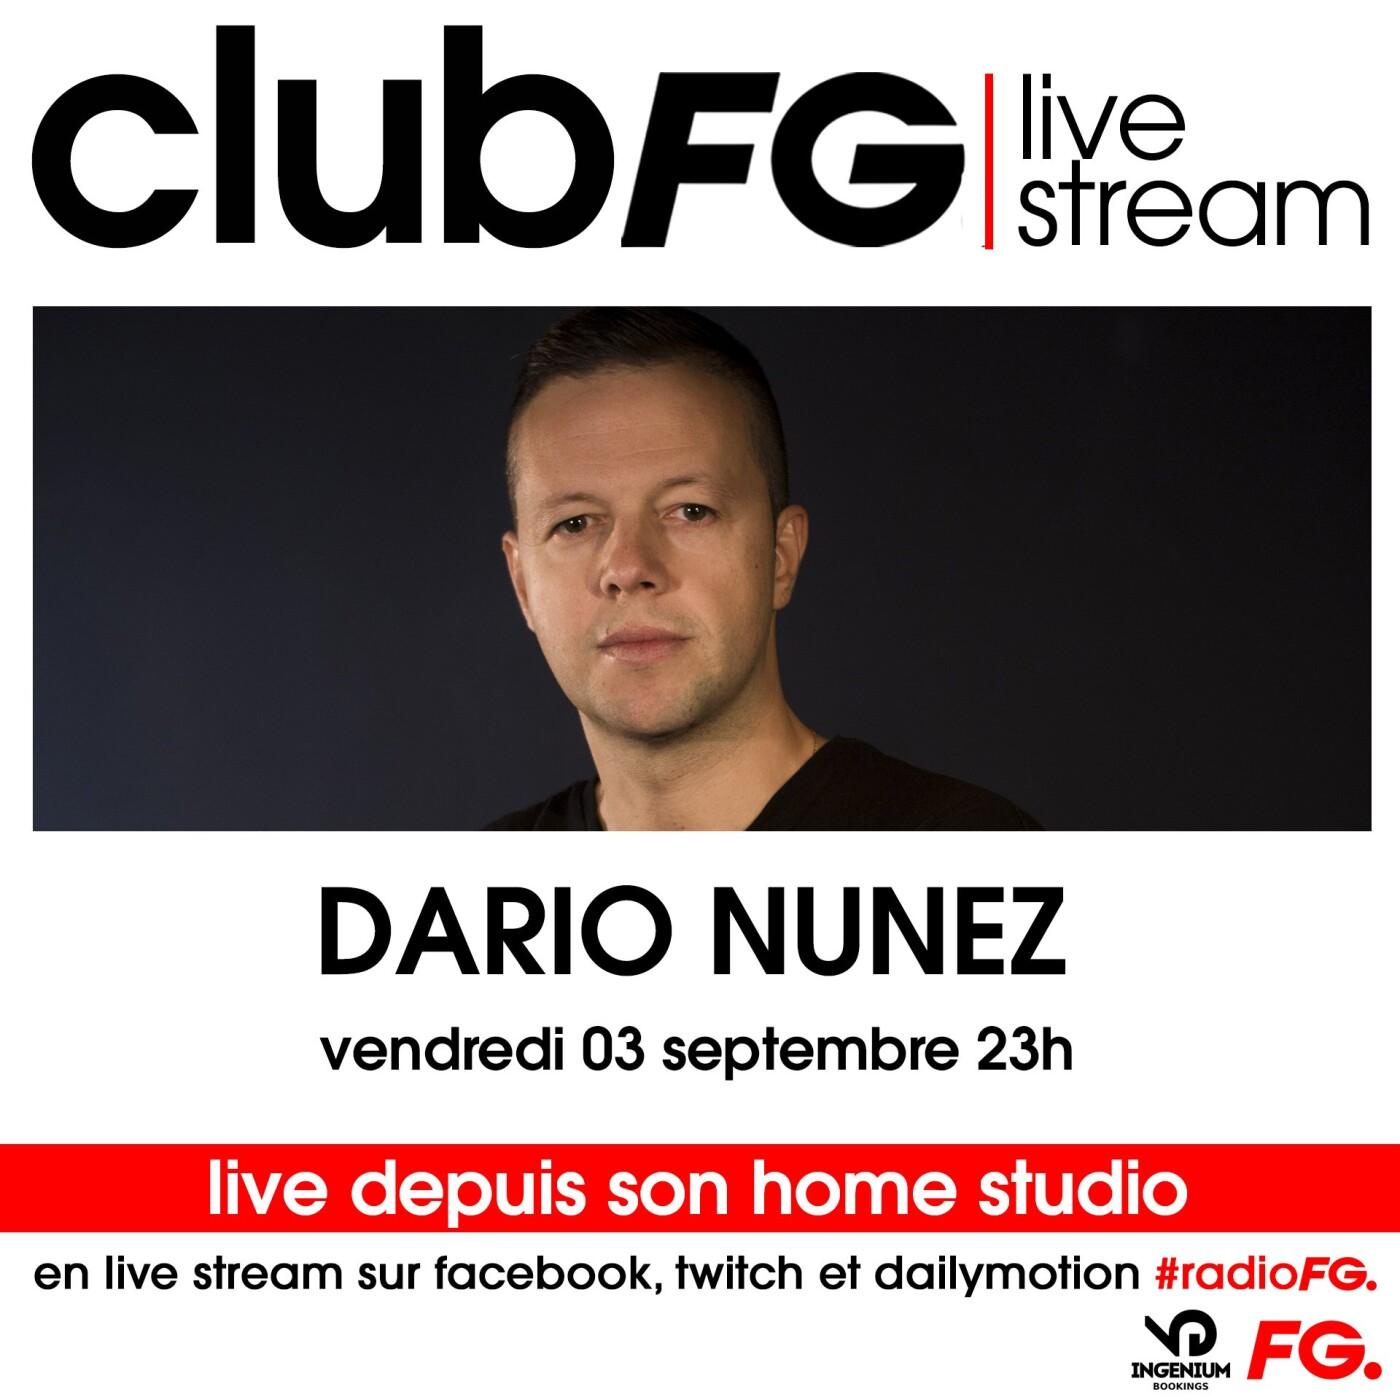 CLUB FG LIVE STREAM : DARIO NUNEZ